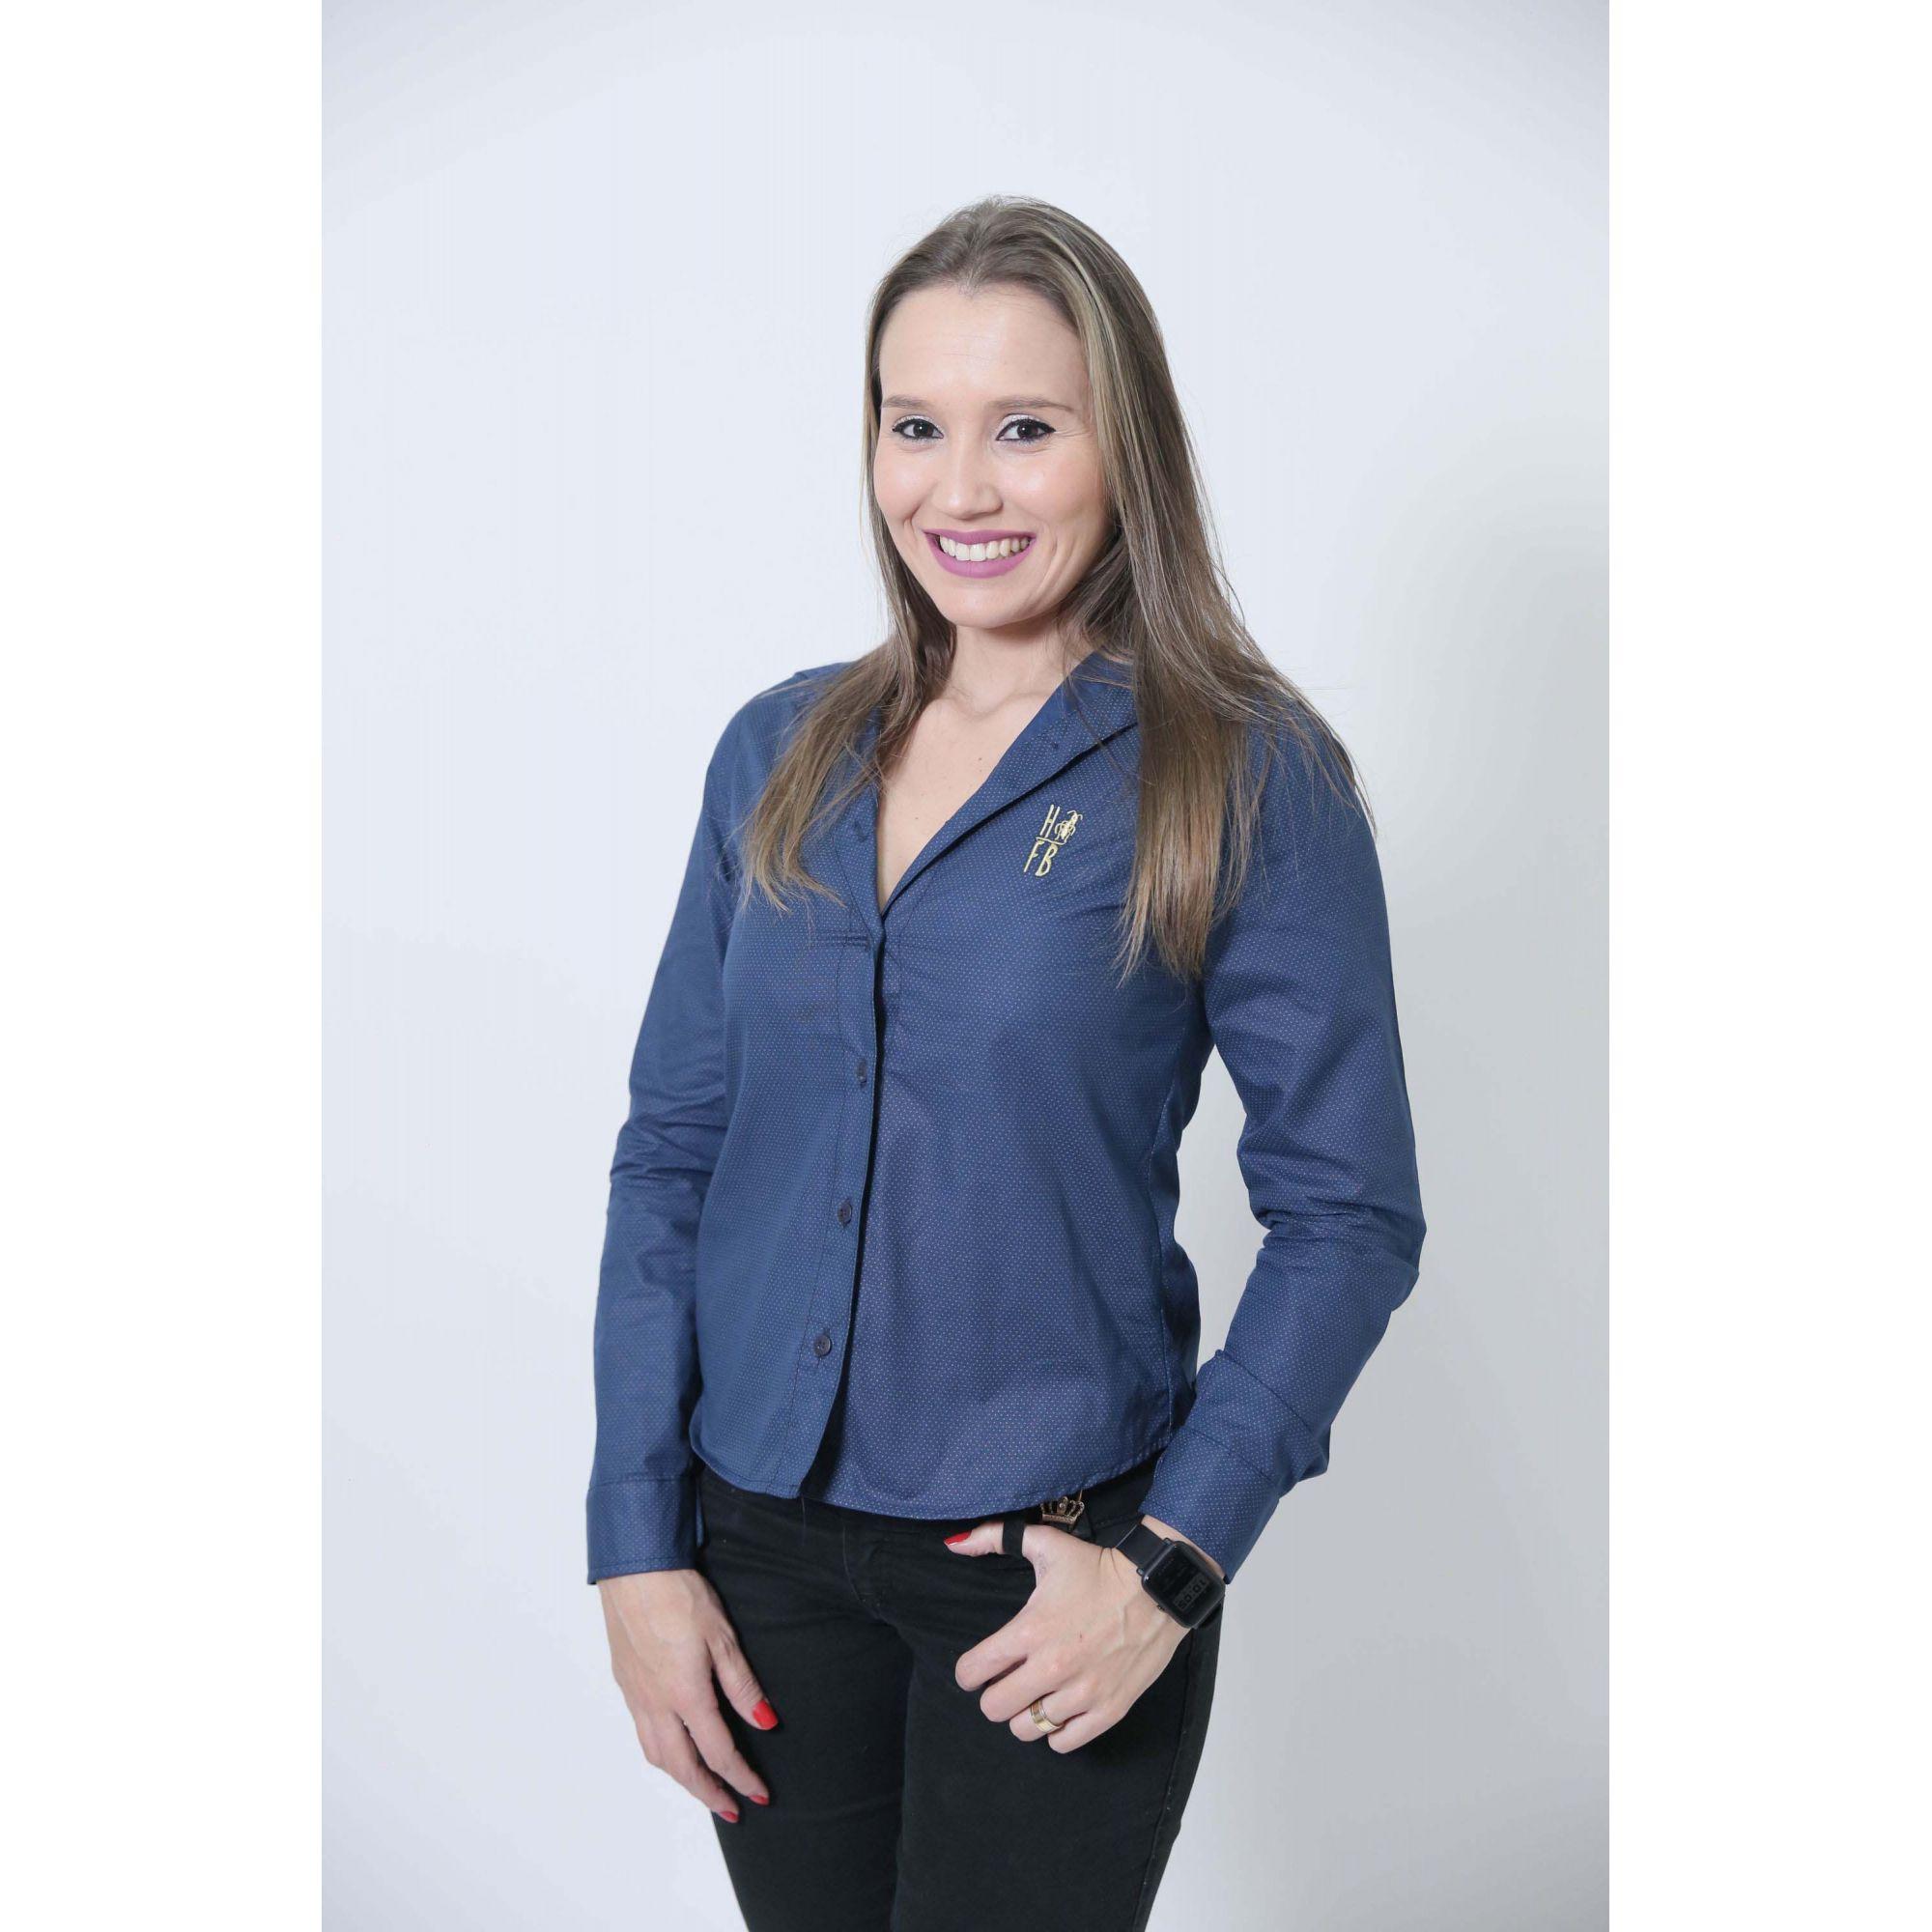 PAIS E FILHOS > Kit 3 peças Camisas Social Azul Marinho Steve Seagal [Coleção Família]  - Heitor Fashion Brazil